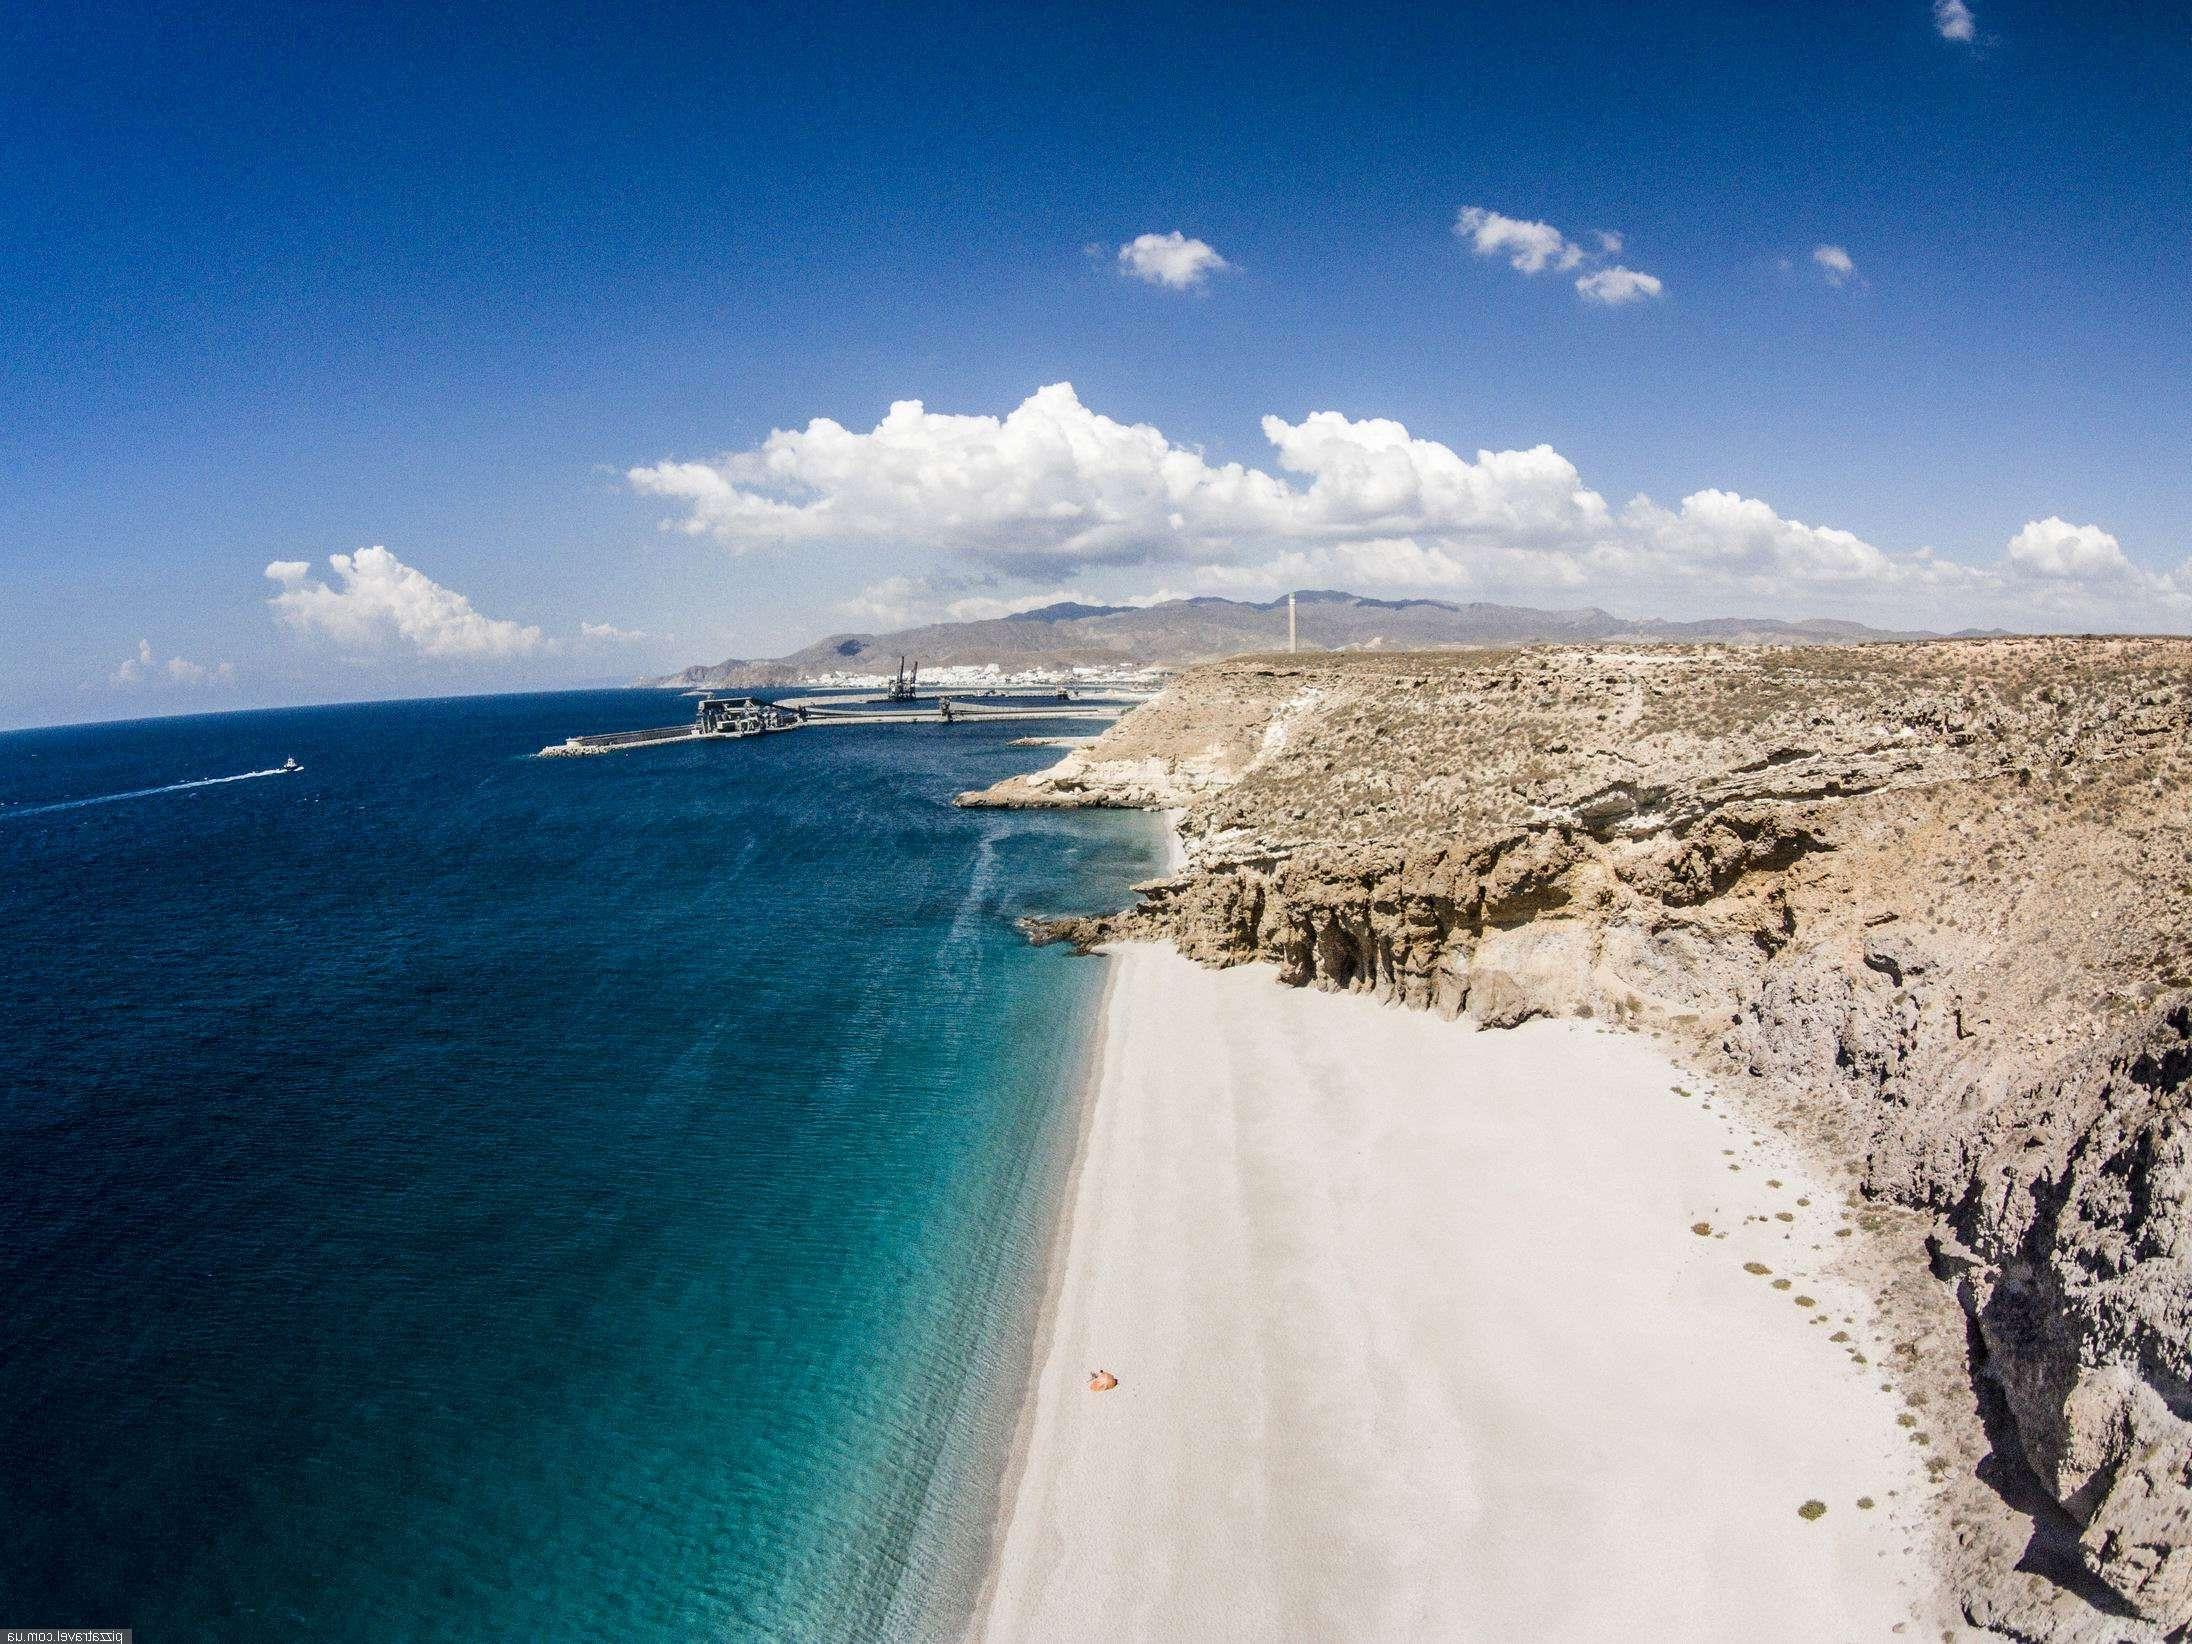 Испании - Playa de los Muertos